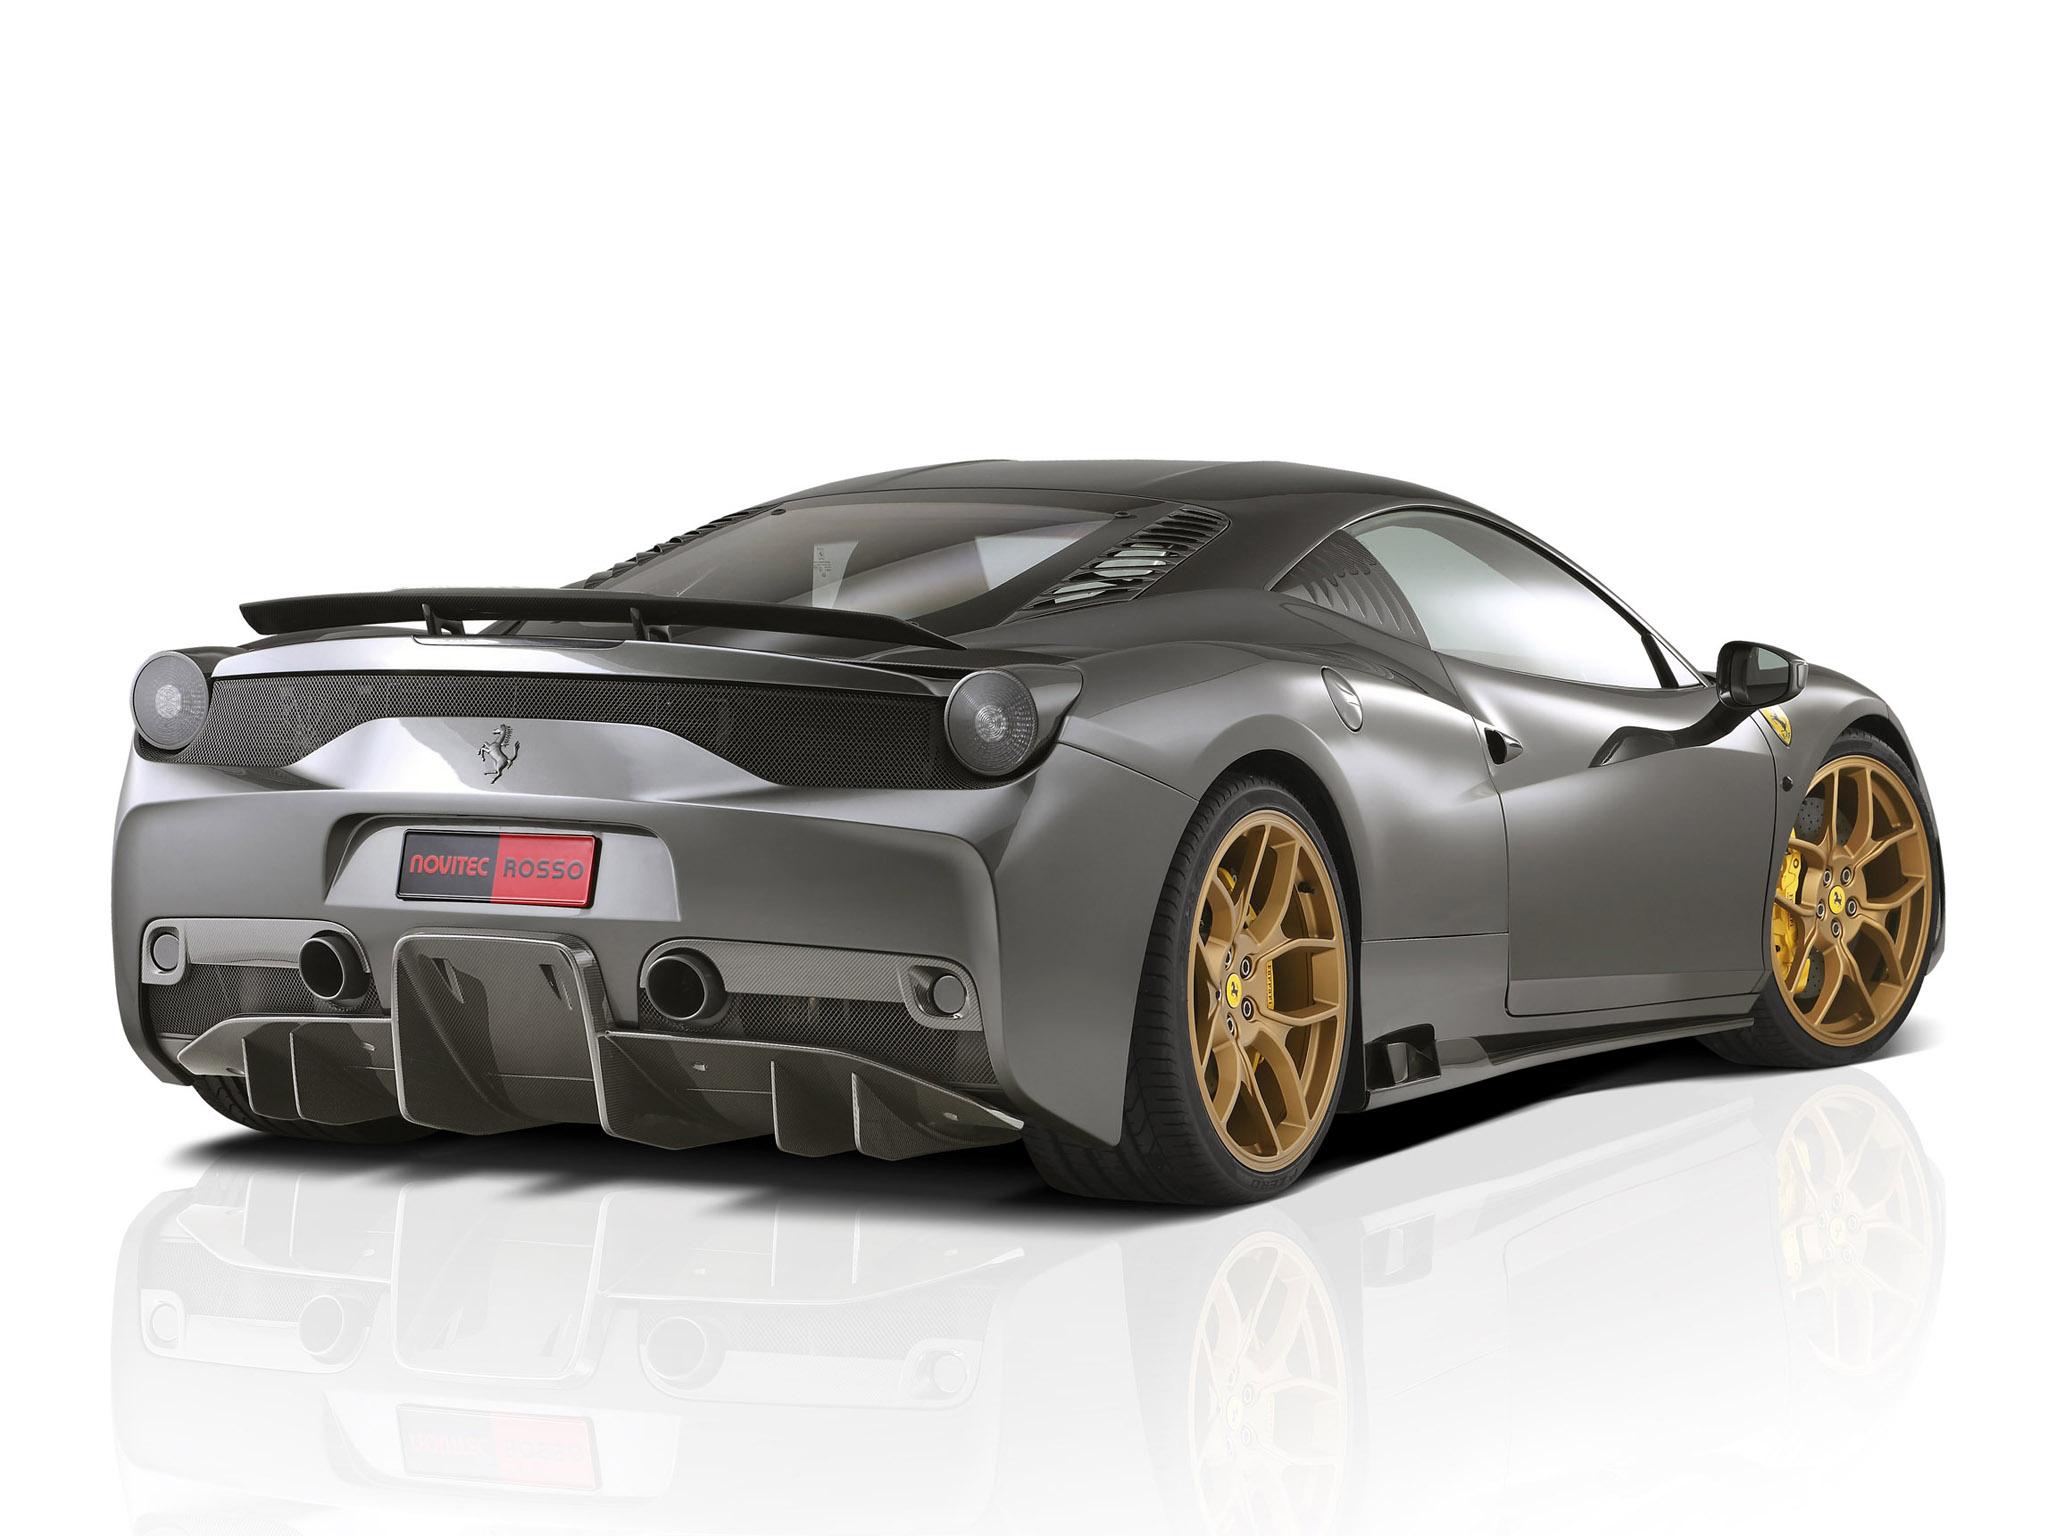 Ferrari 458 Speciale 2014 - Novitec